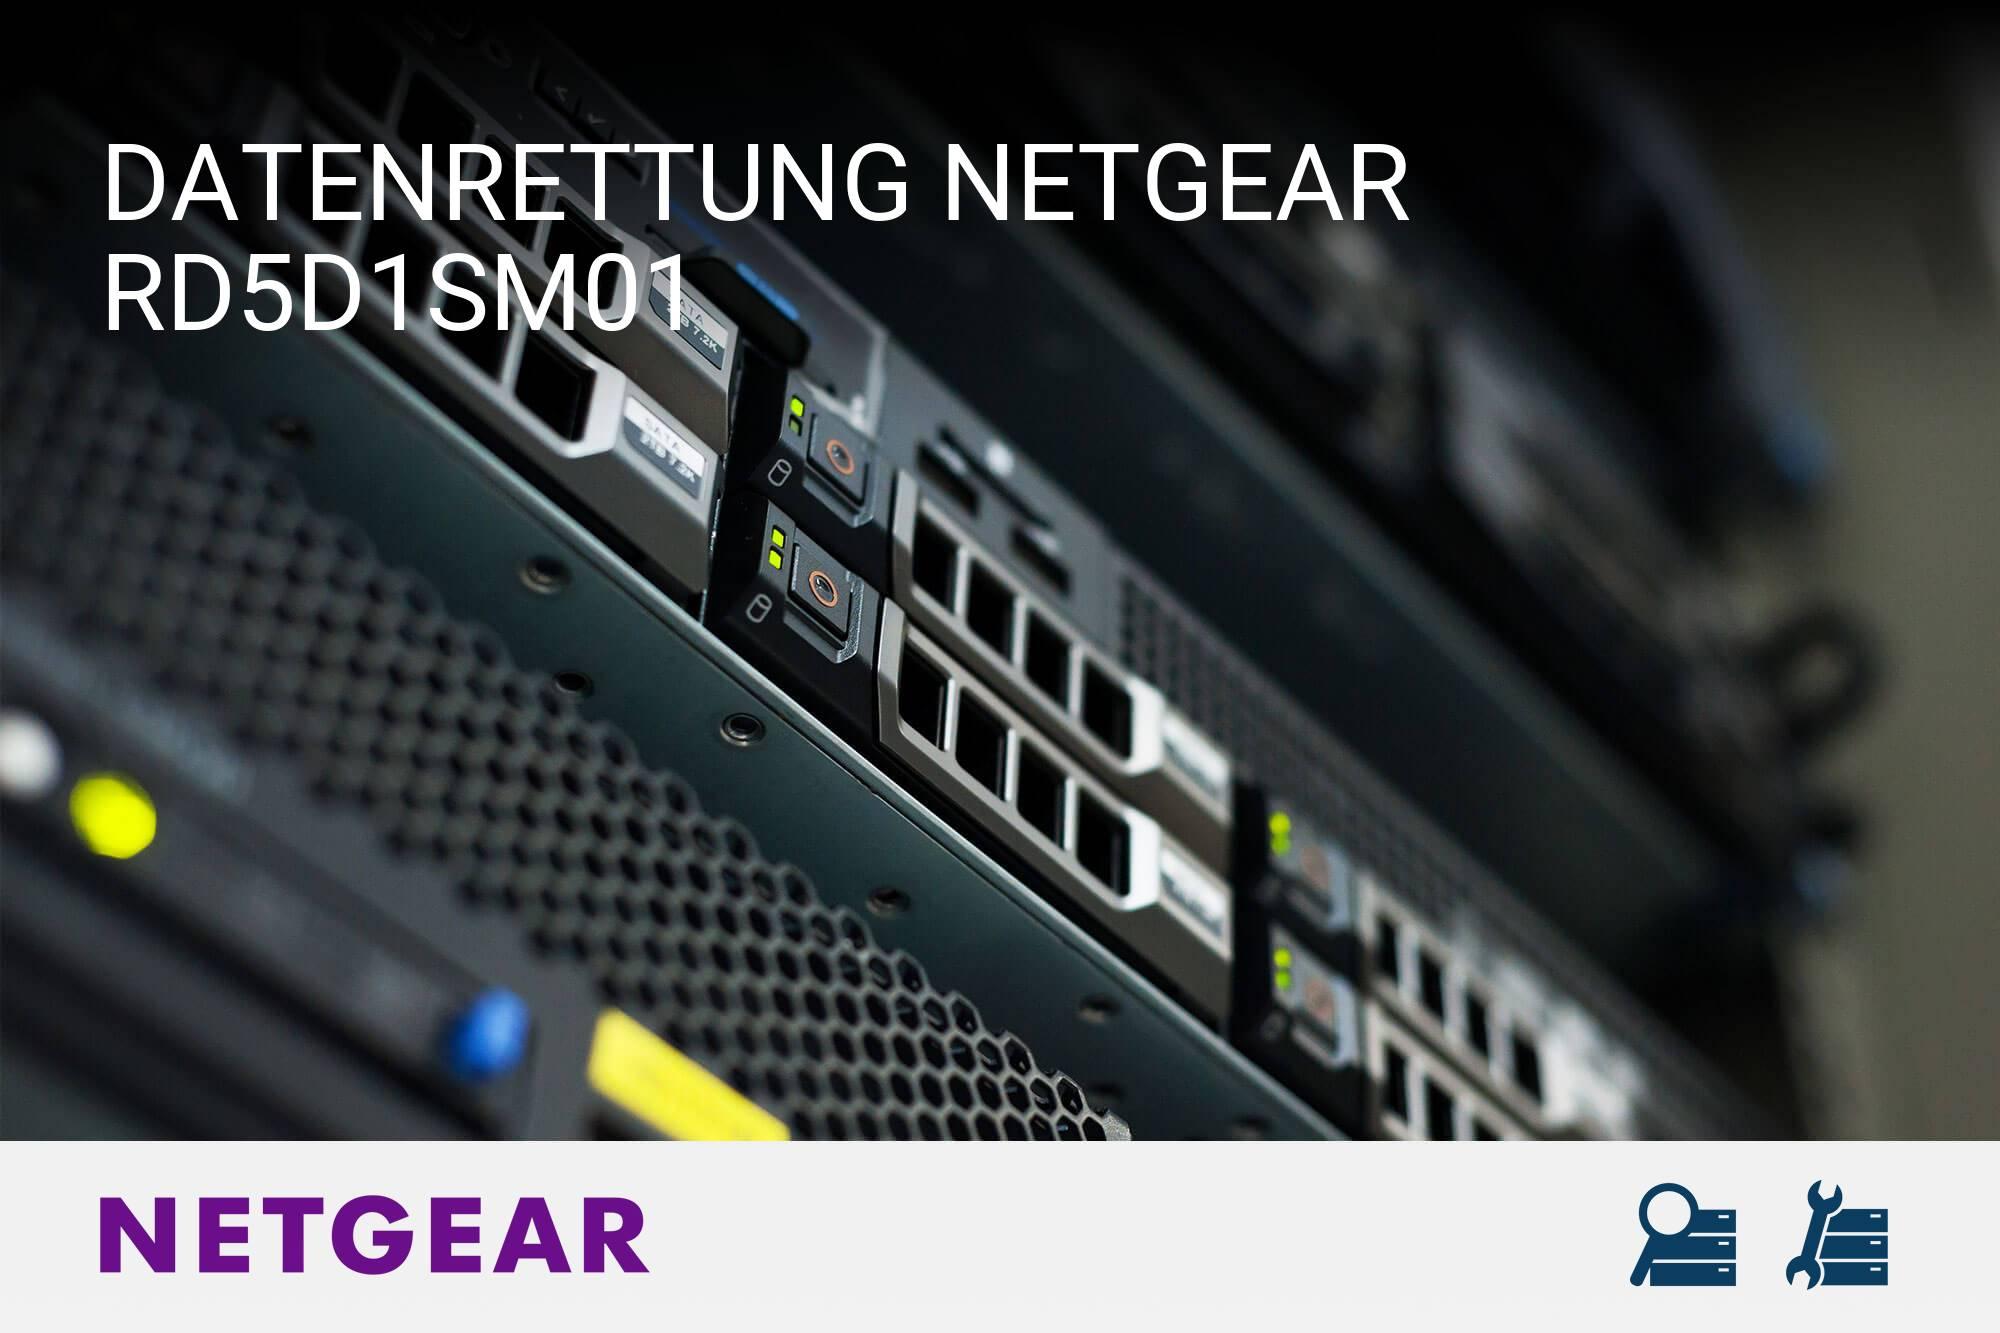 Netgear RD5D1SM01